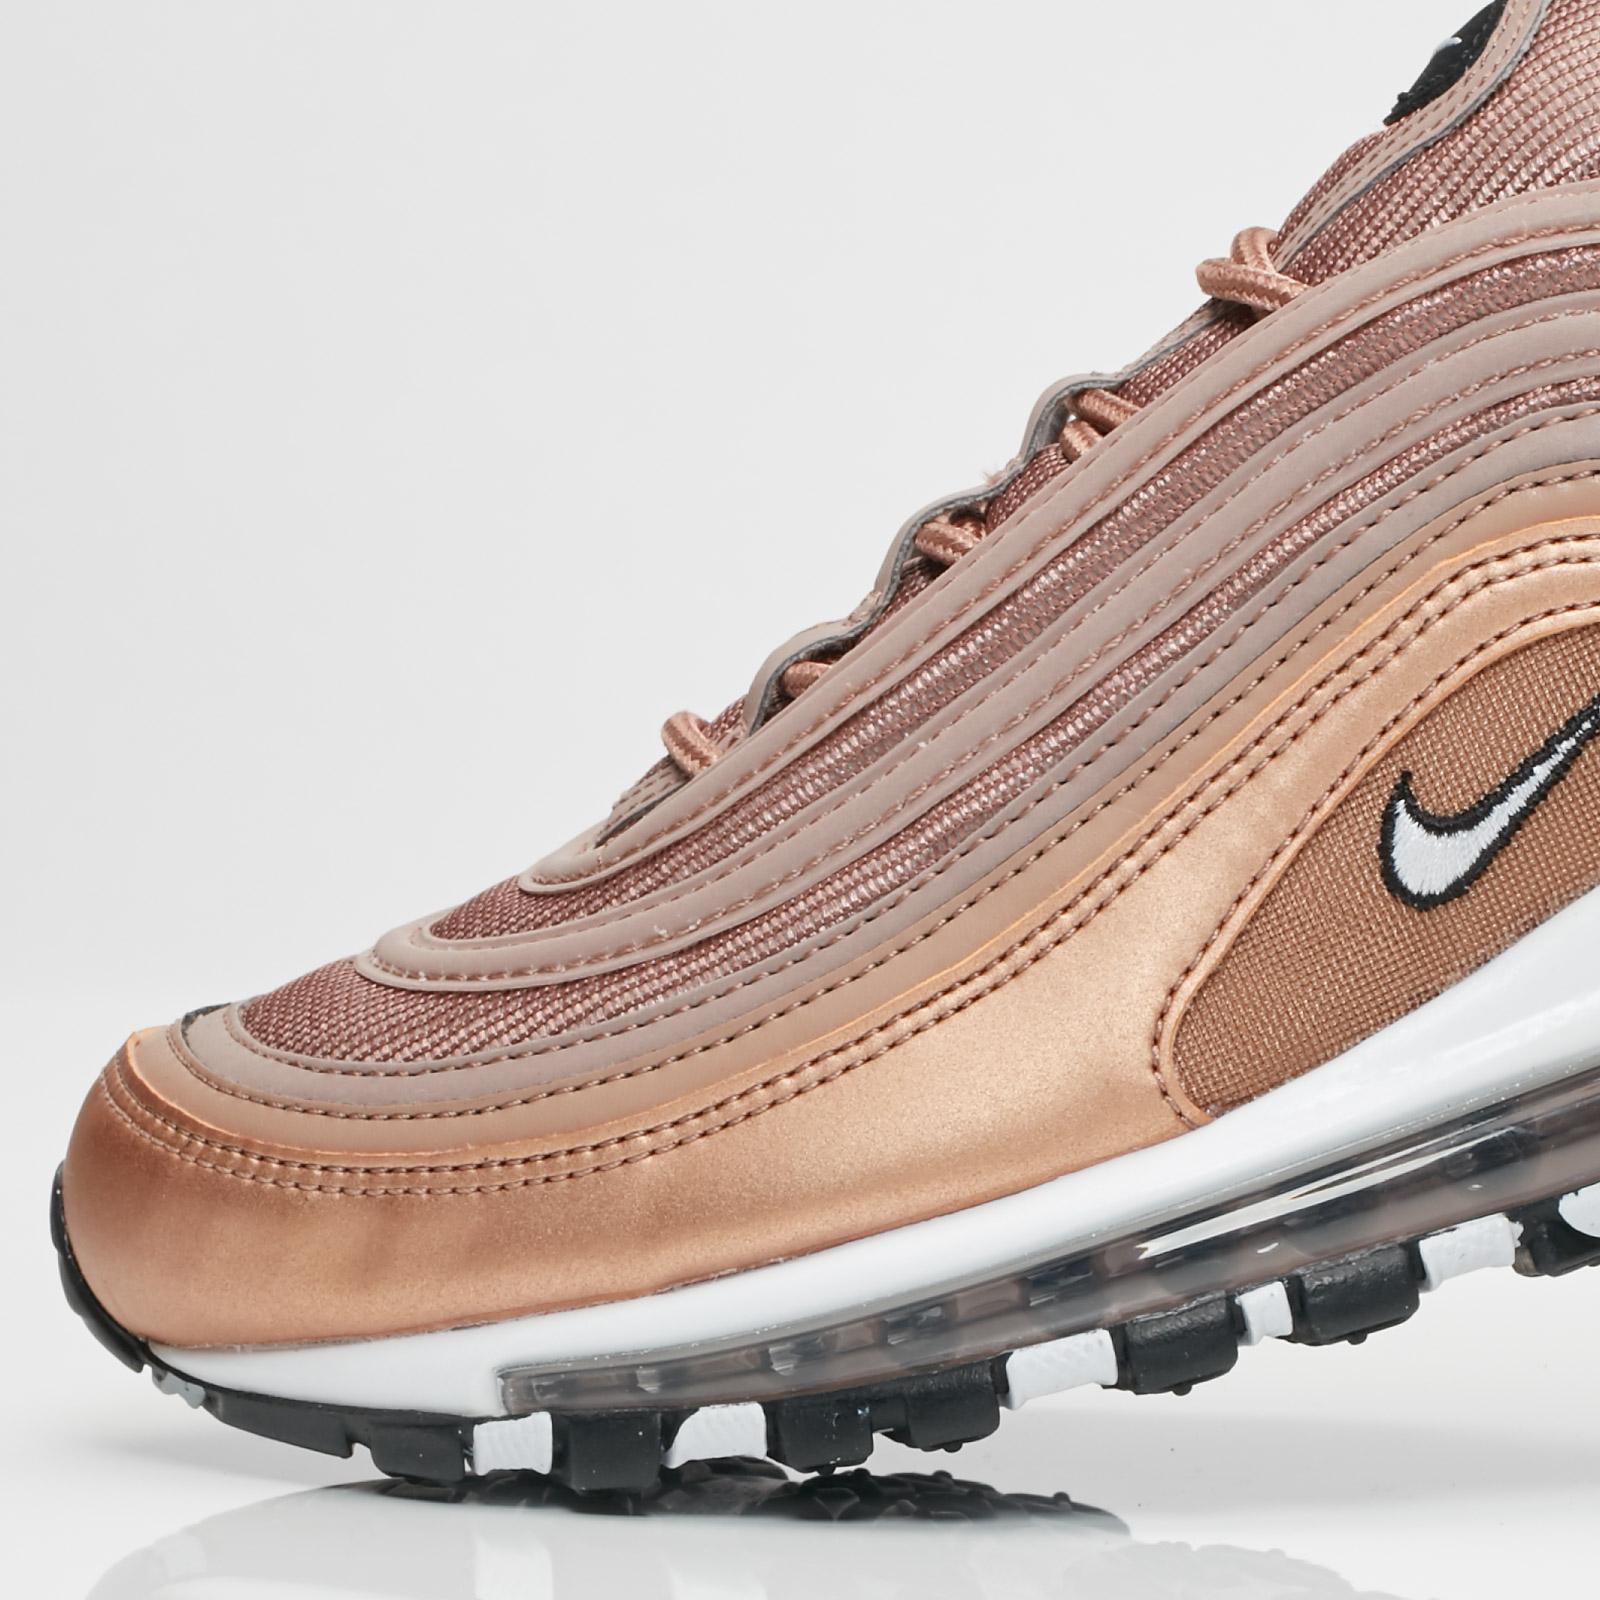 61712eee7a694 Nike Air Max 97 - 921826-200 - Sneakersnstuff | sneakers ...